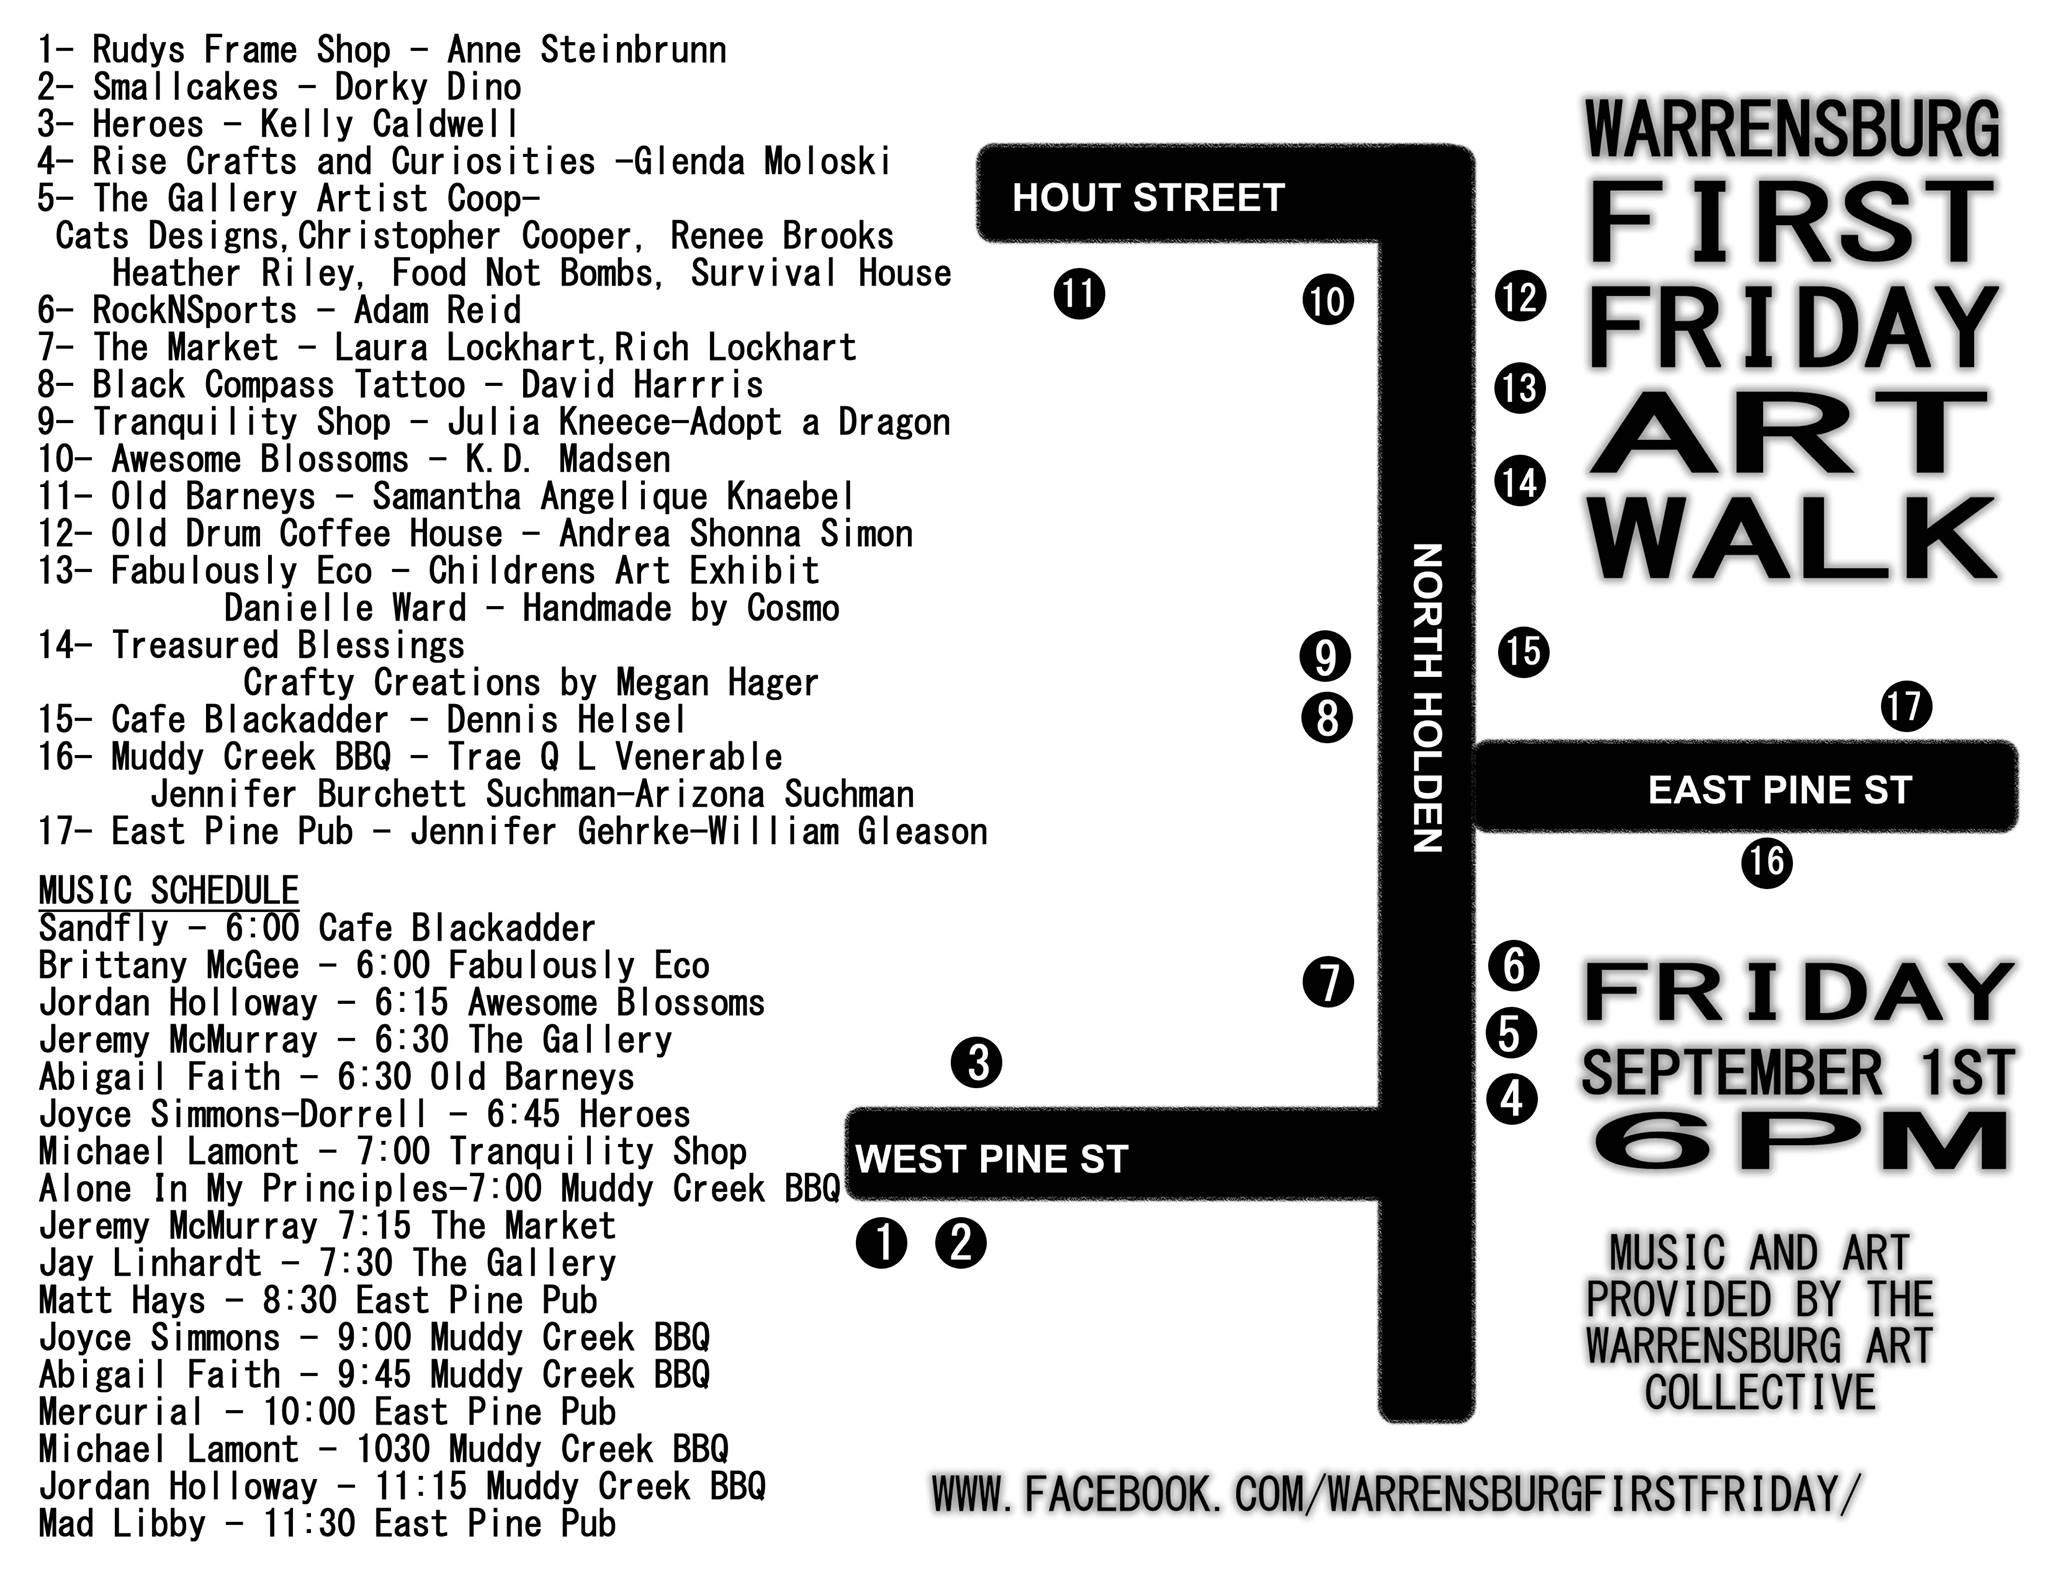 Warrensburg First Friday Art Walk part of fun-filled weekend